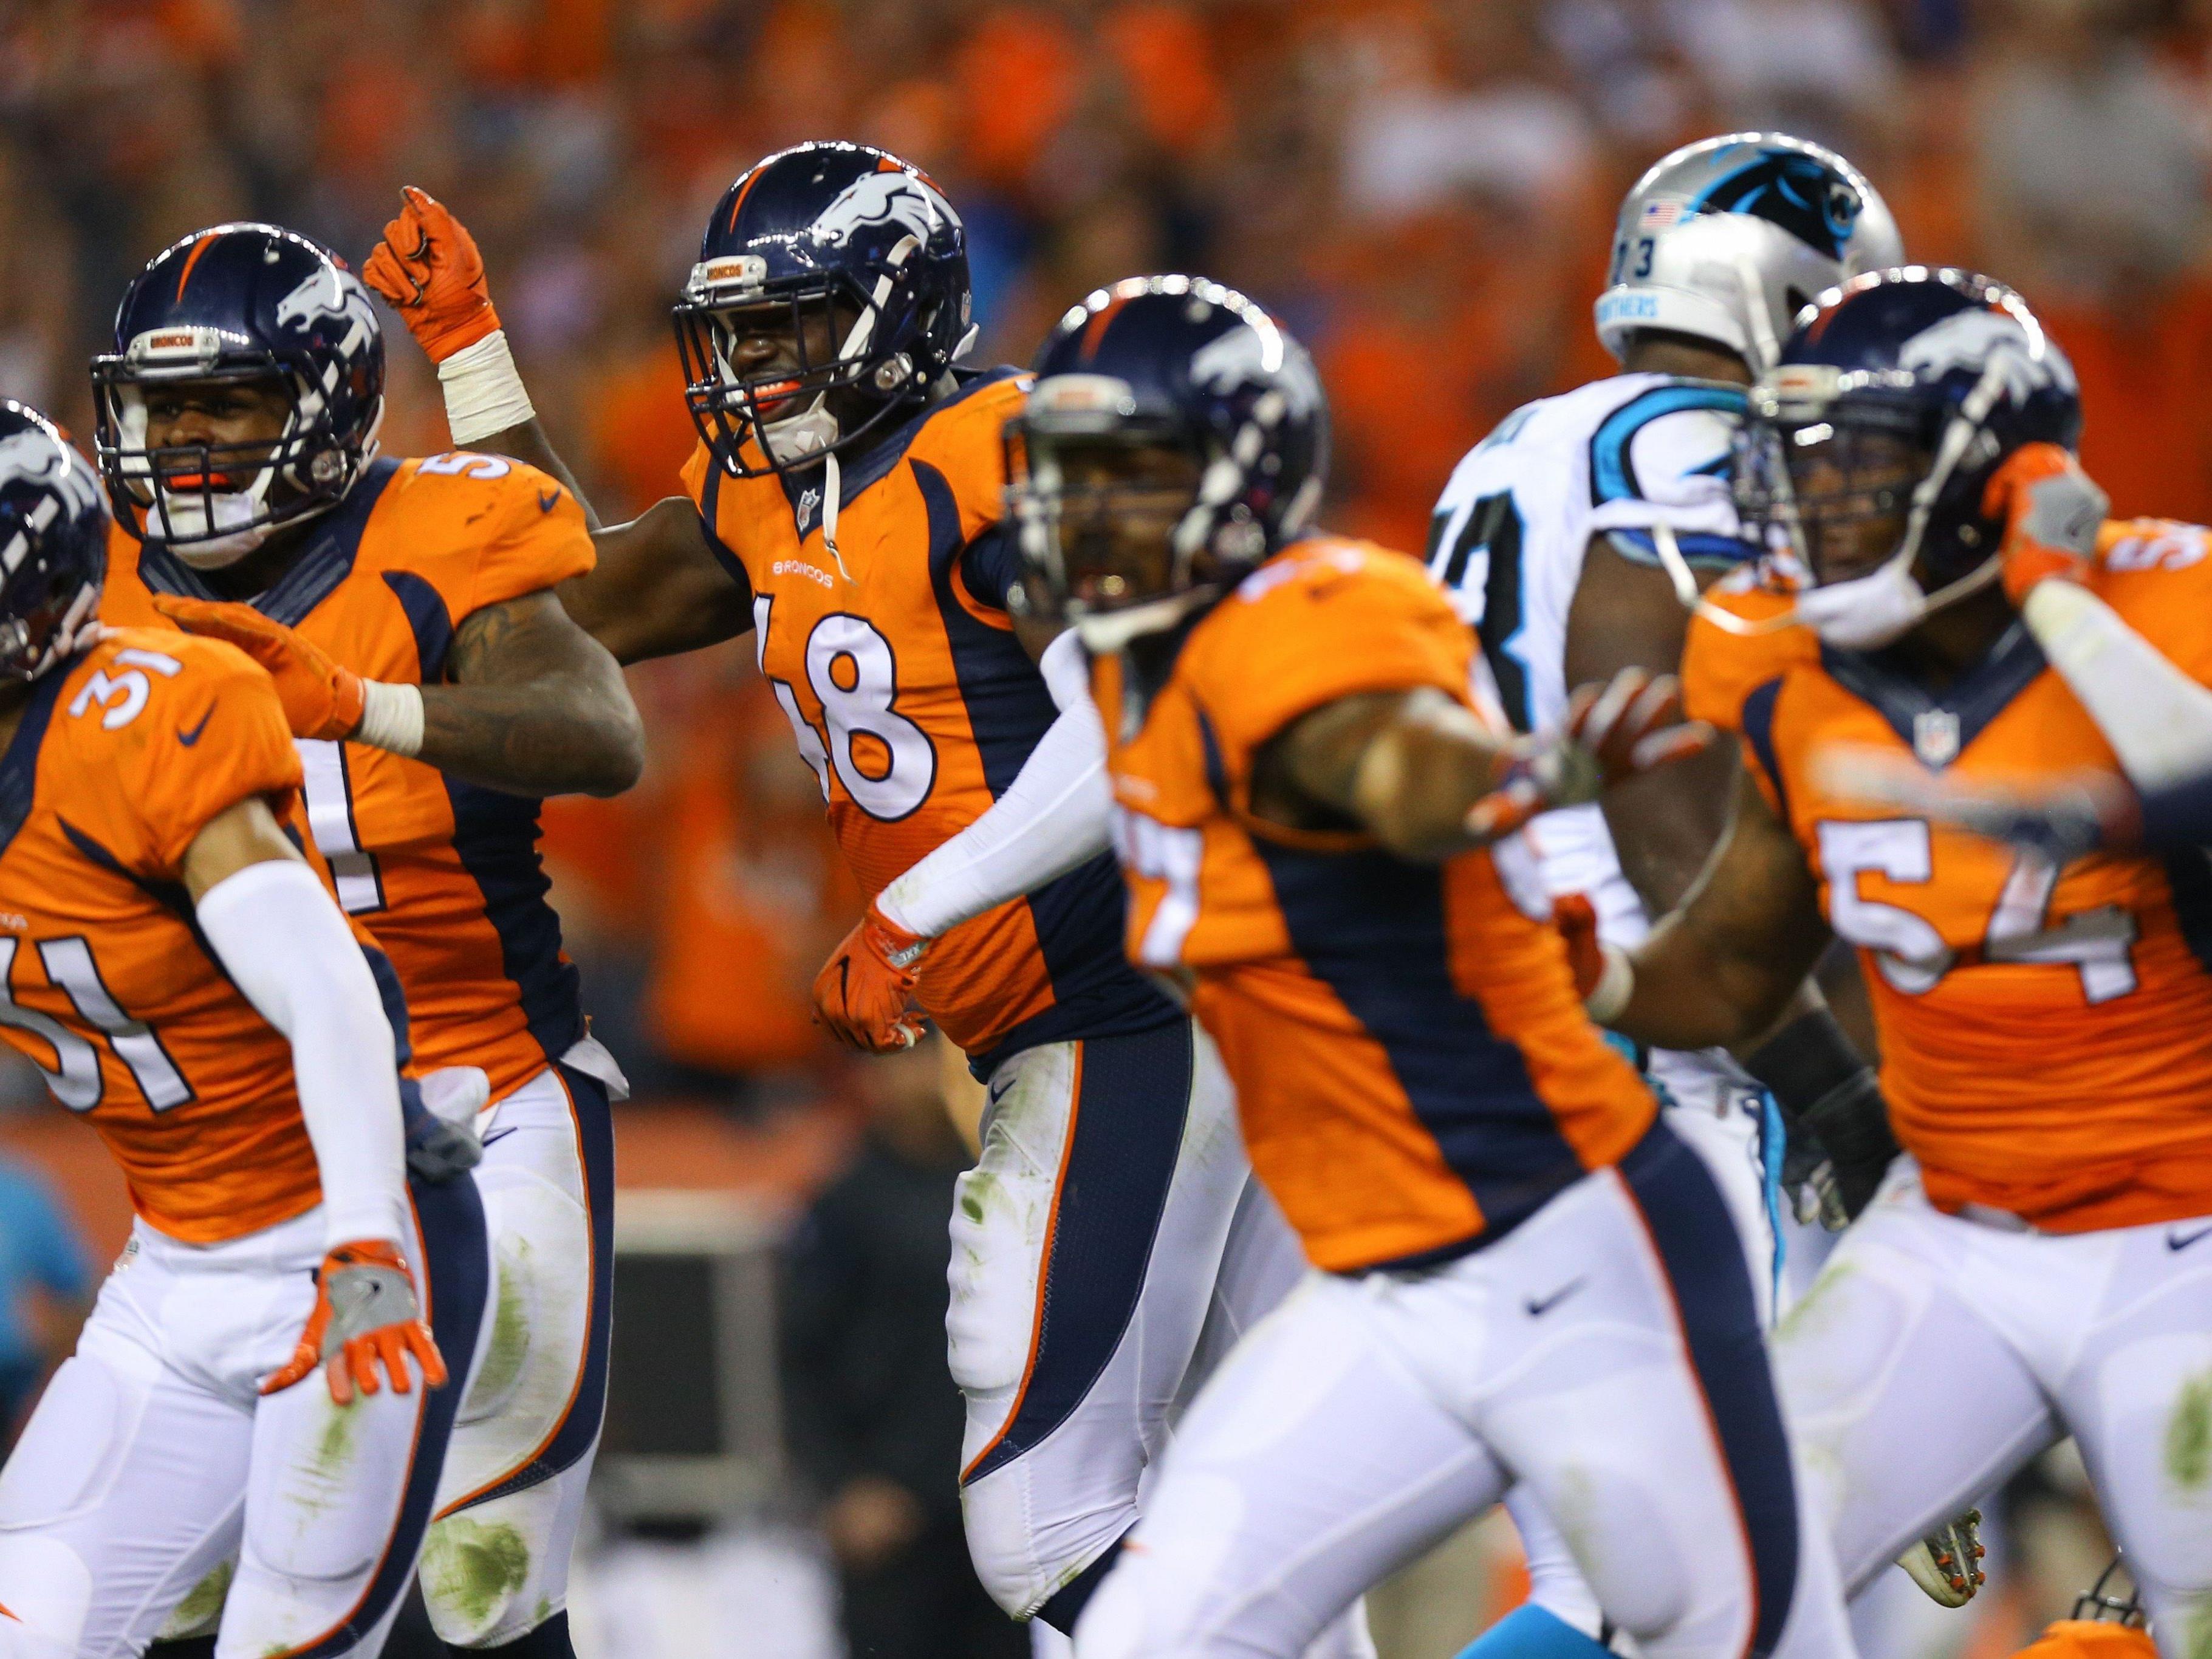 Die Denver Broncos haben sich wie schon im vergangenen Super-Bowl-Match gegen die Carolina Panthers durchgesetzt.